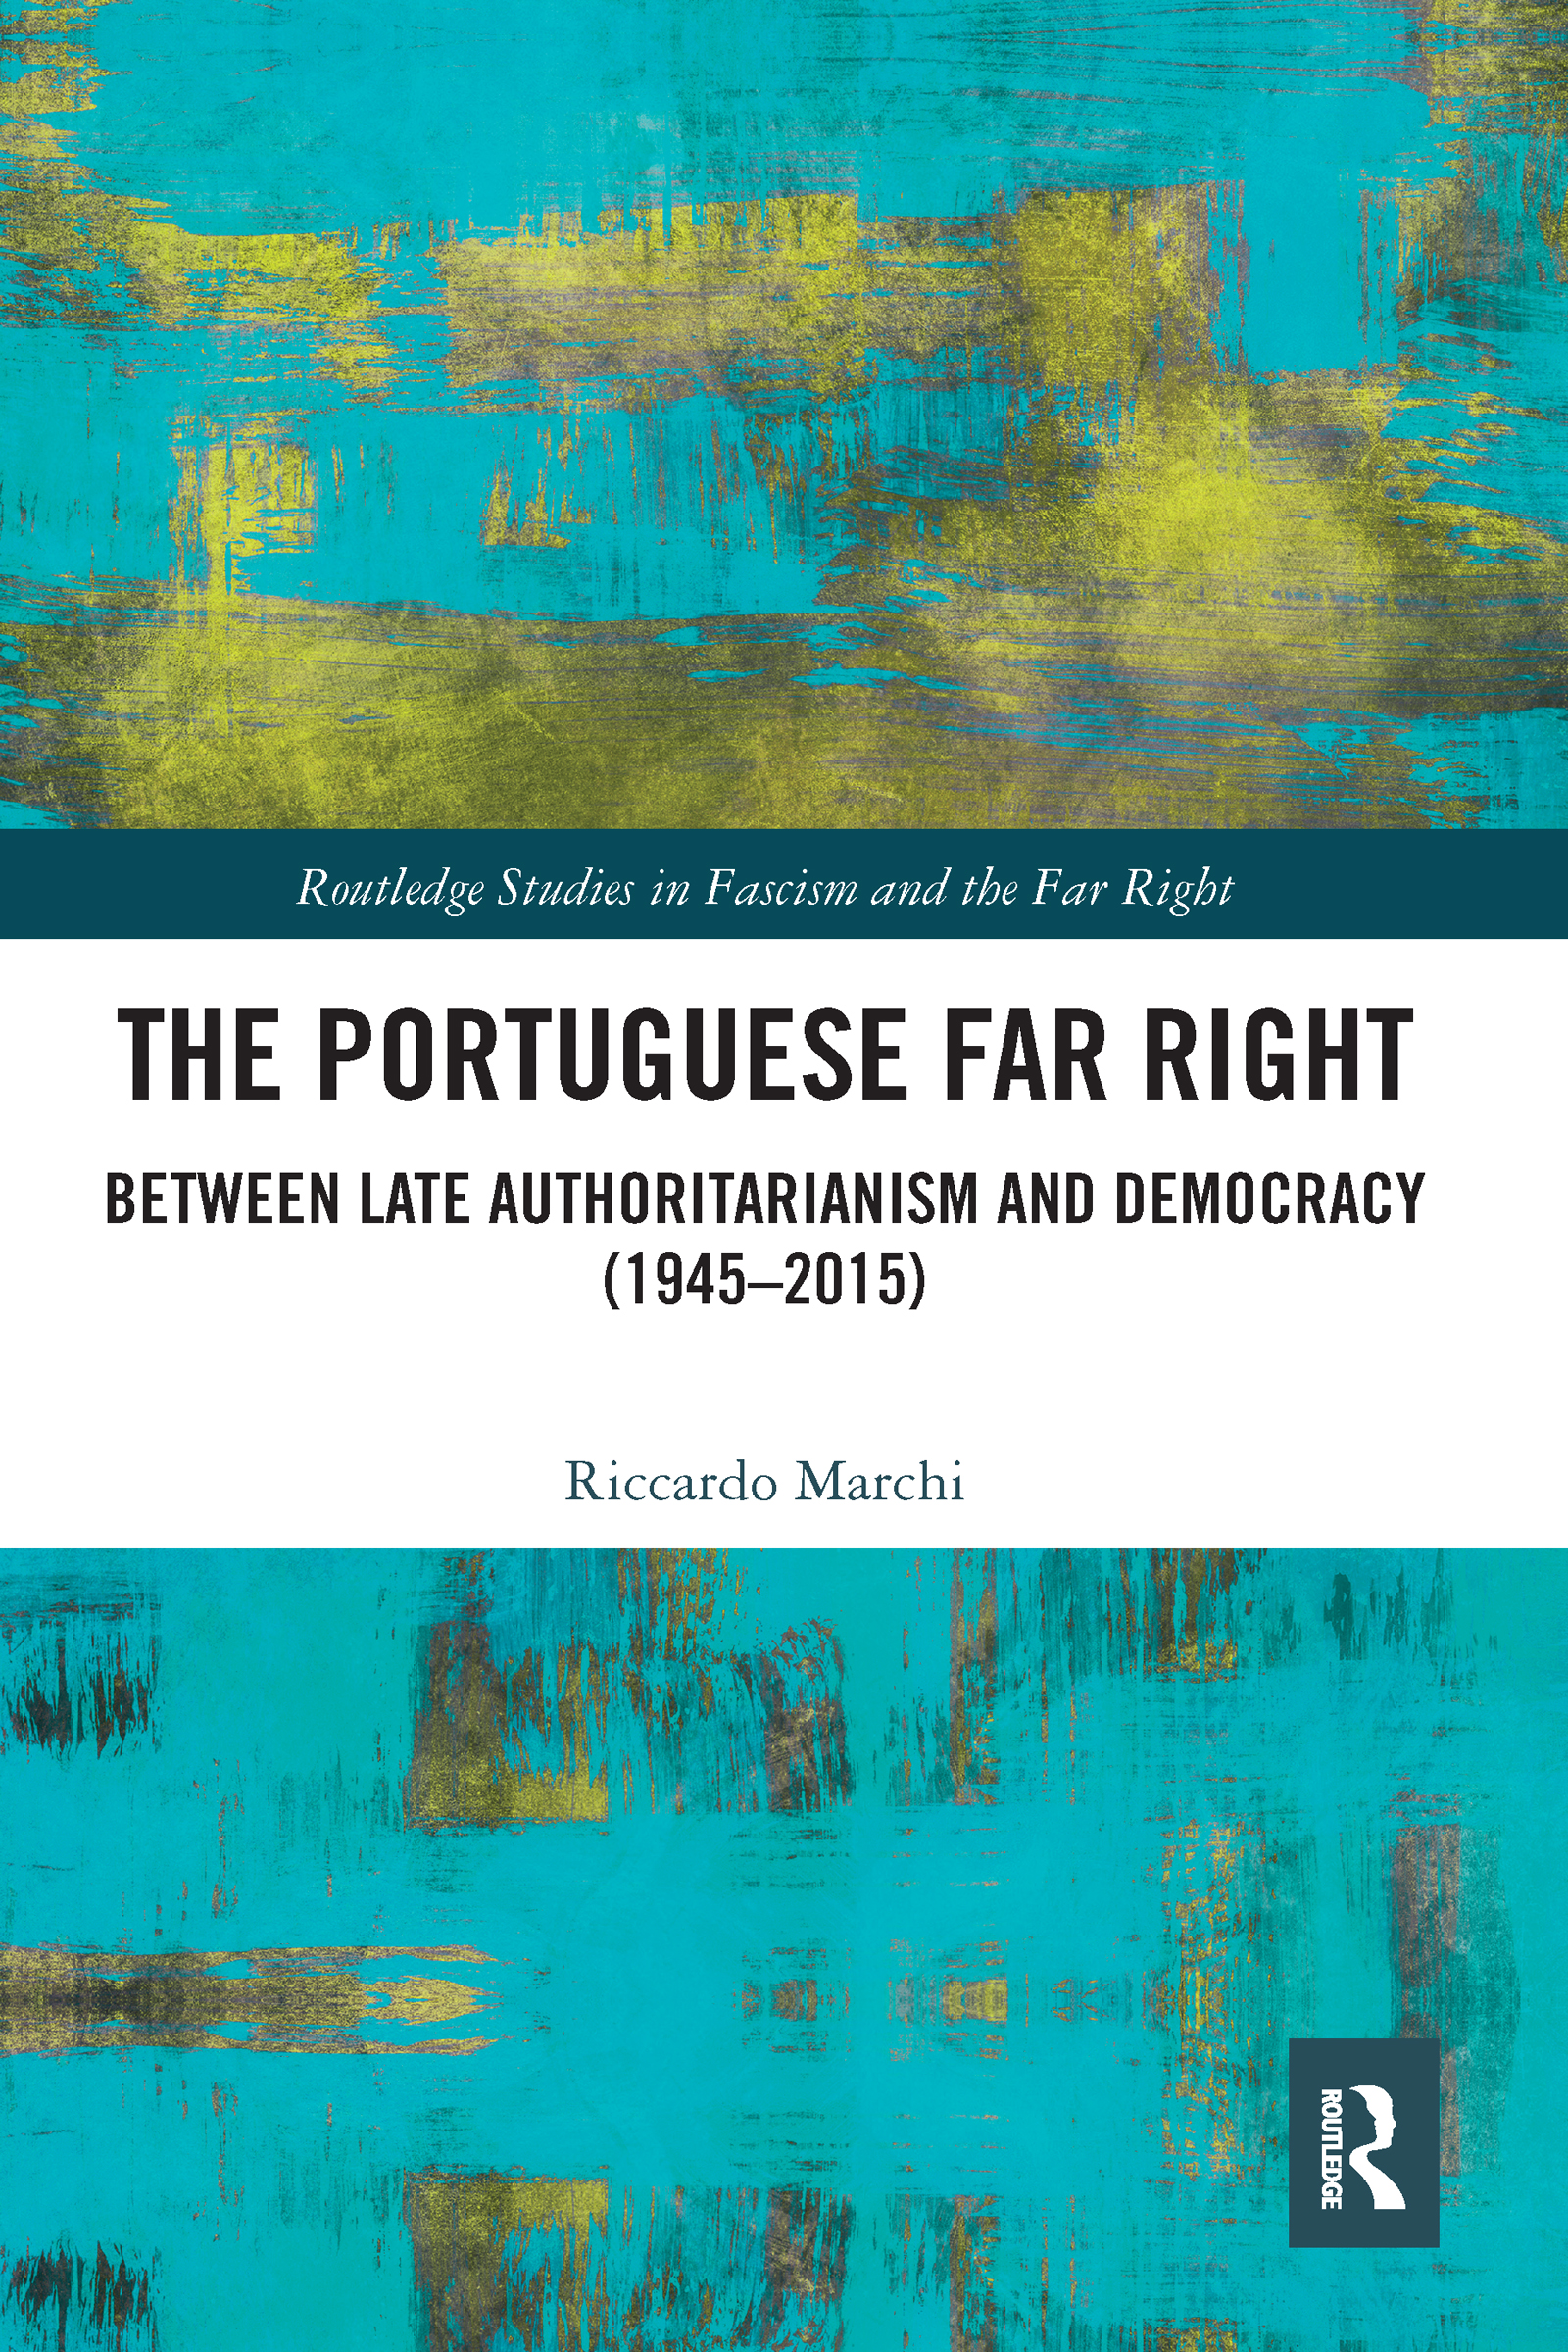 The Portuguese Far Right